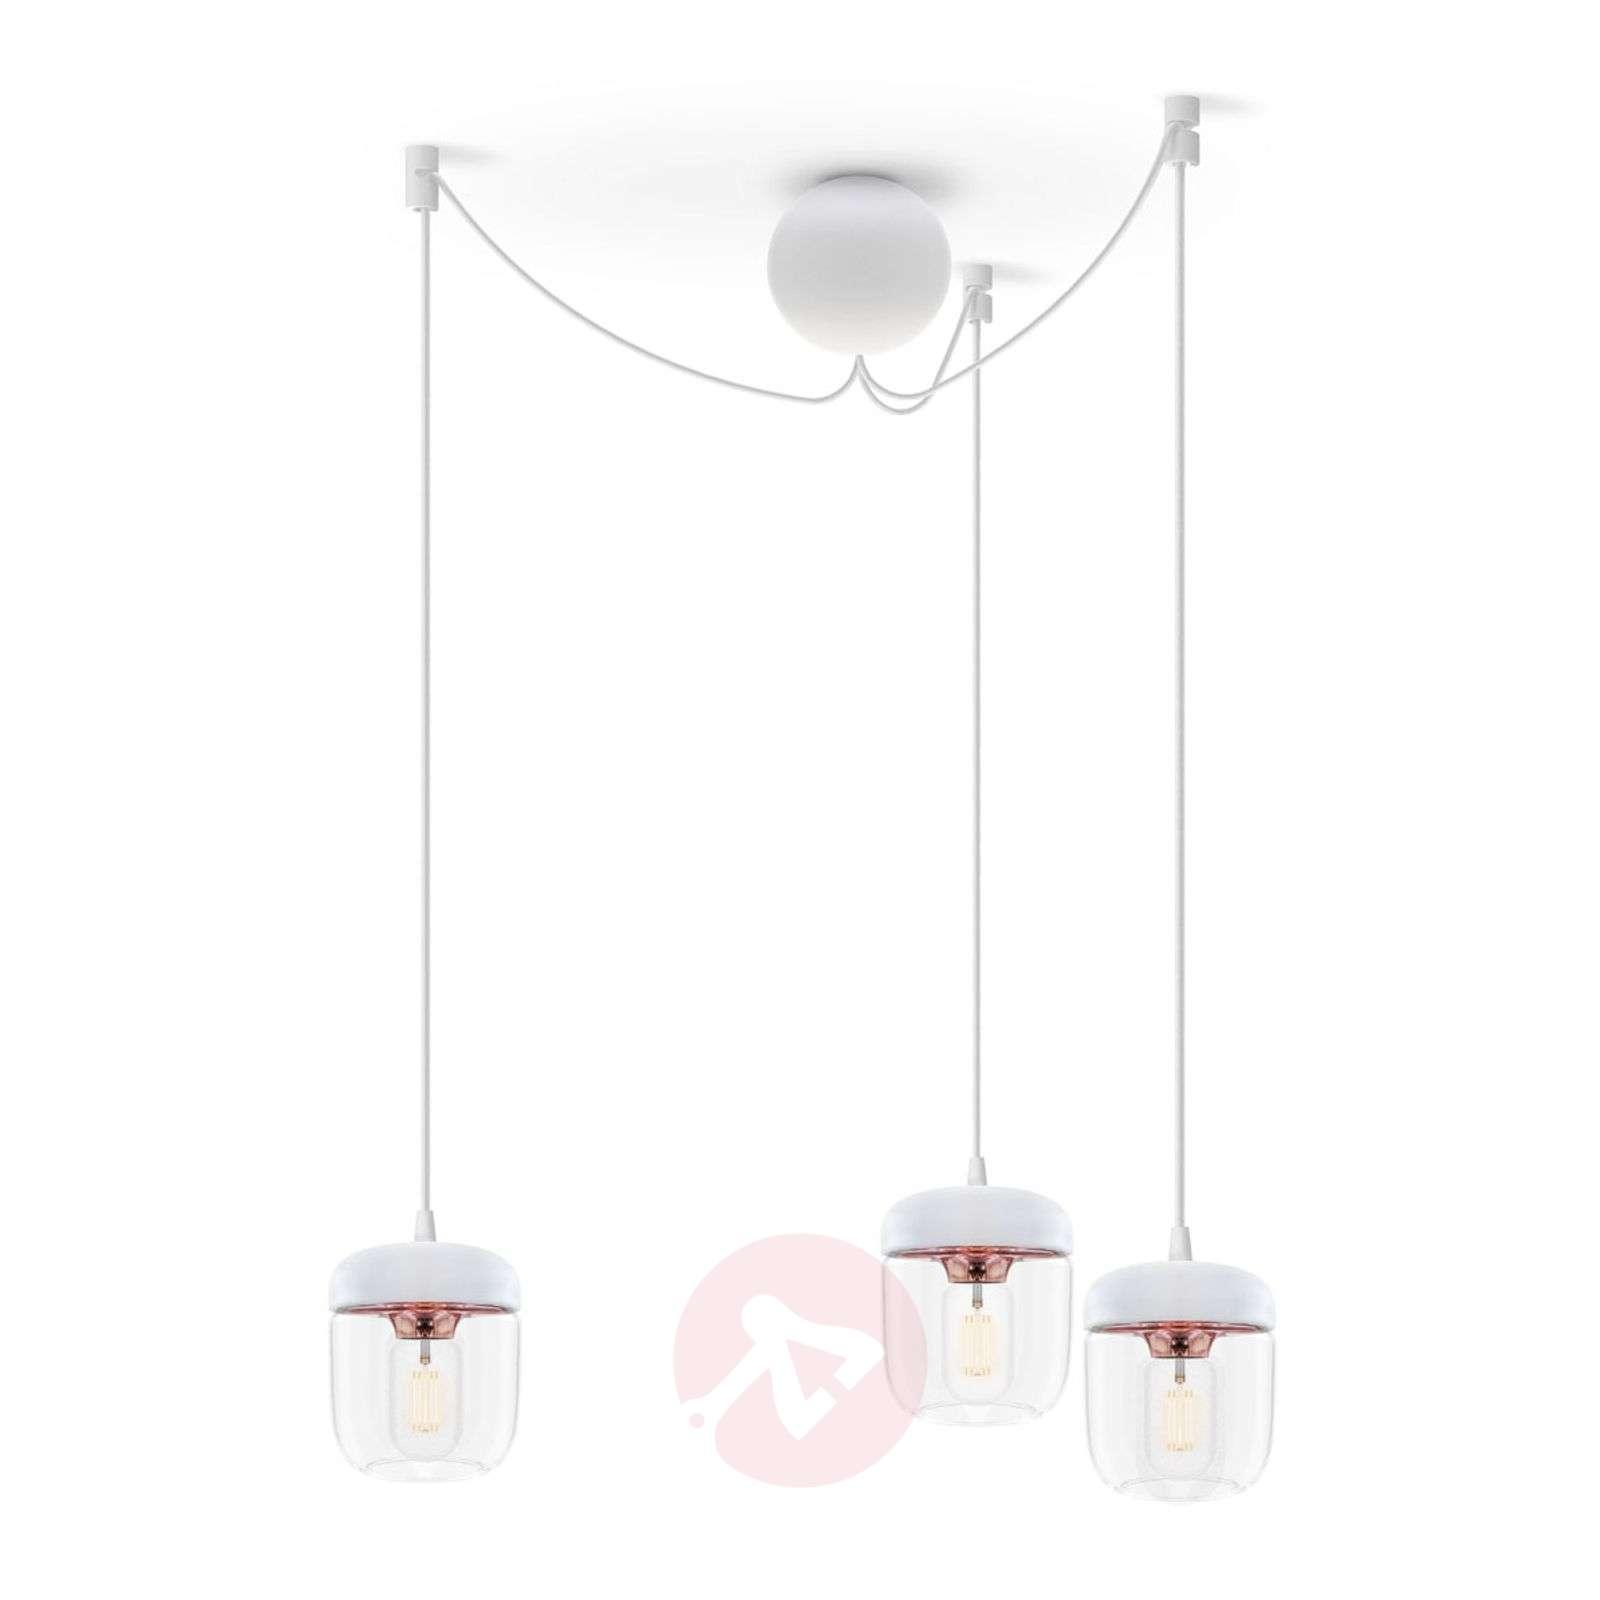 Riippuvalaisin Acorn, 3lamppua, valkoinen, kupari-9521095-01